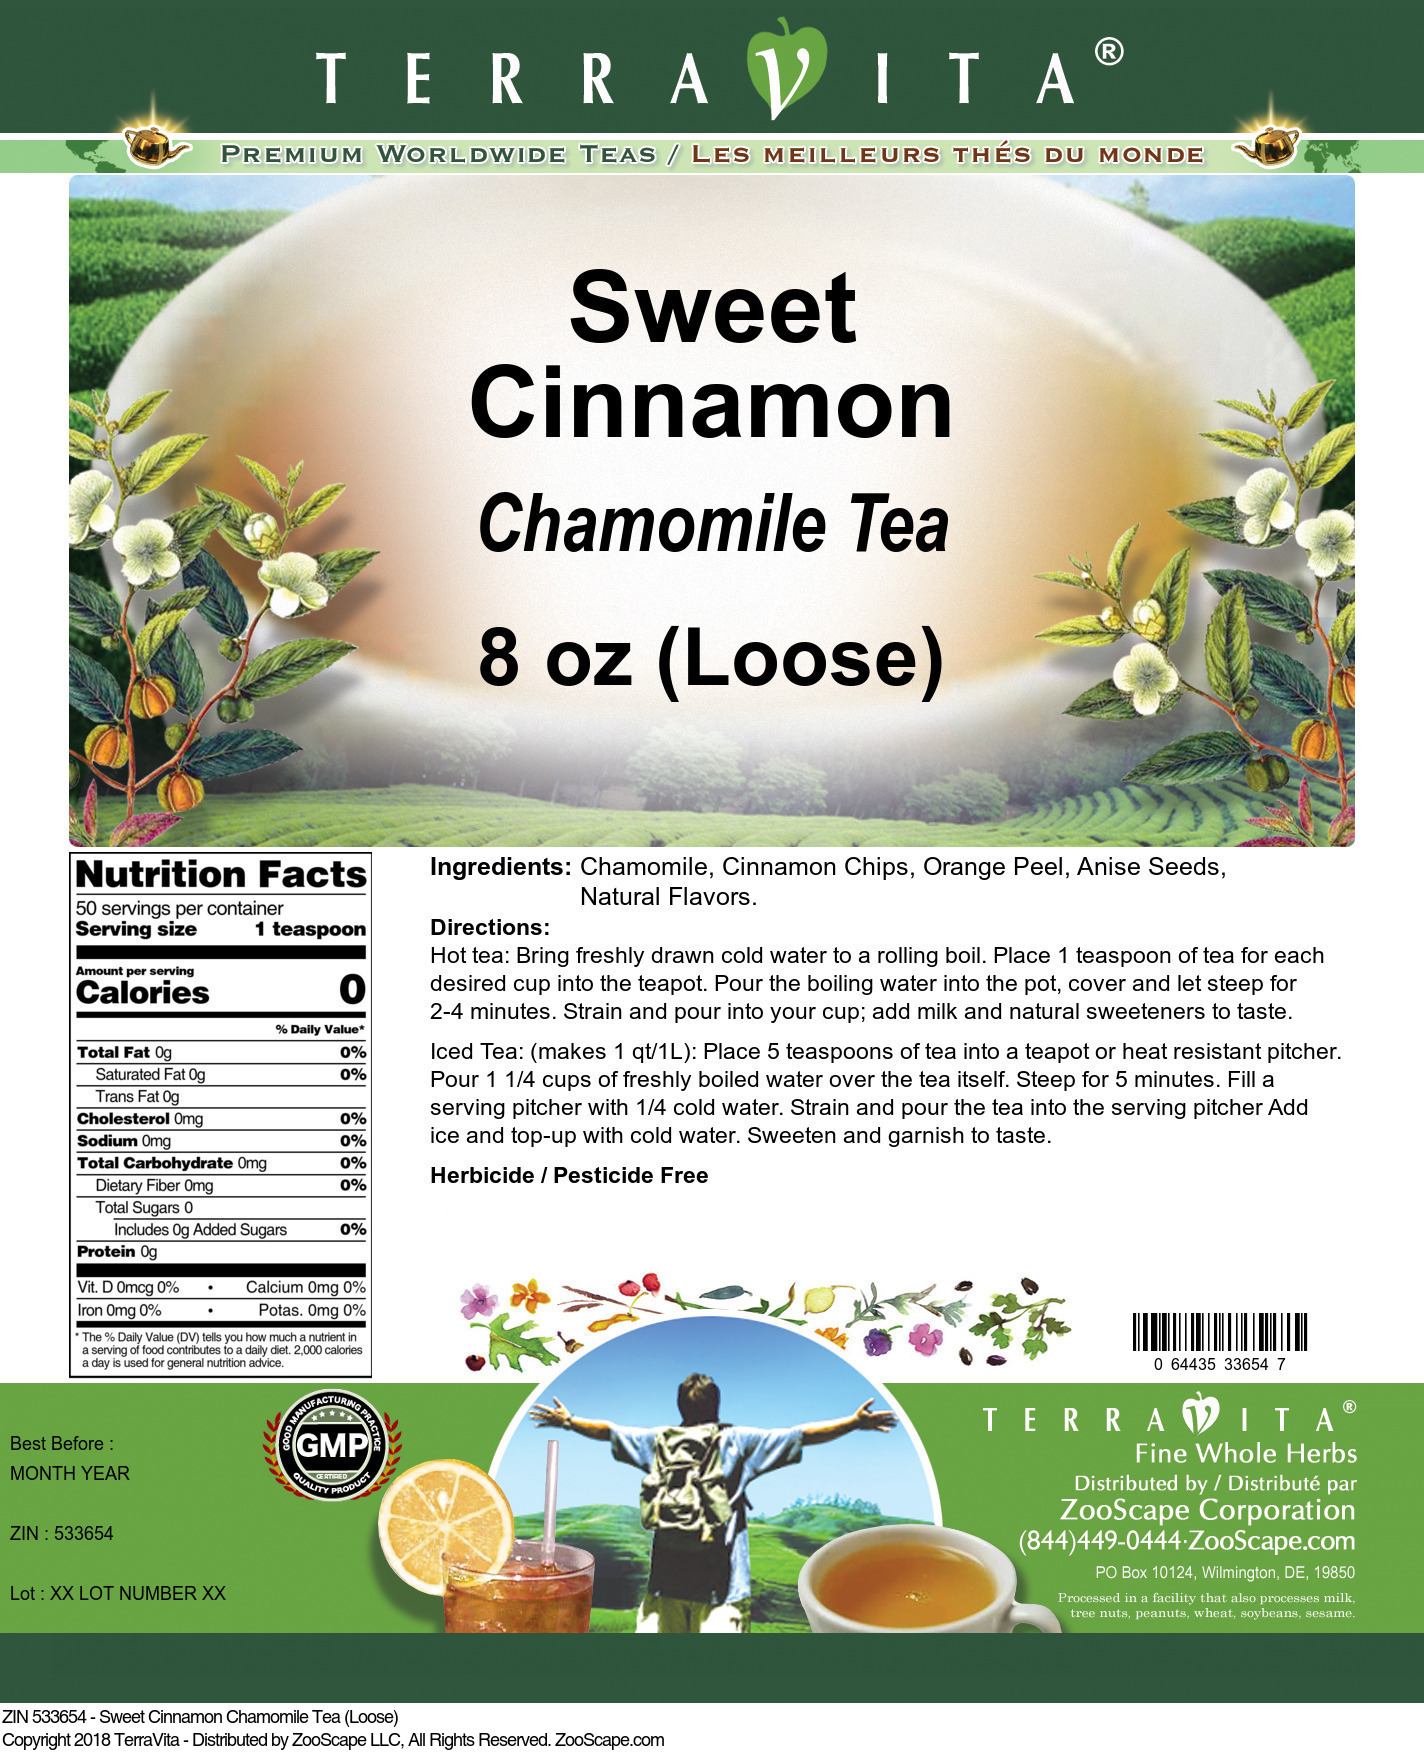 Sweet Cinnamon Chamomile Tea (Loose)